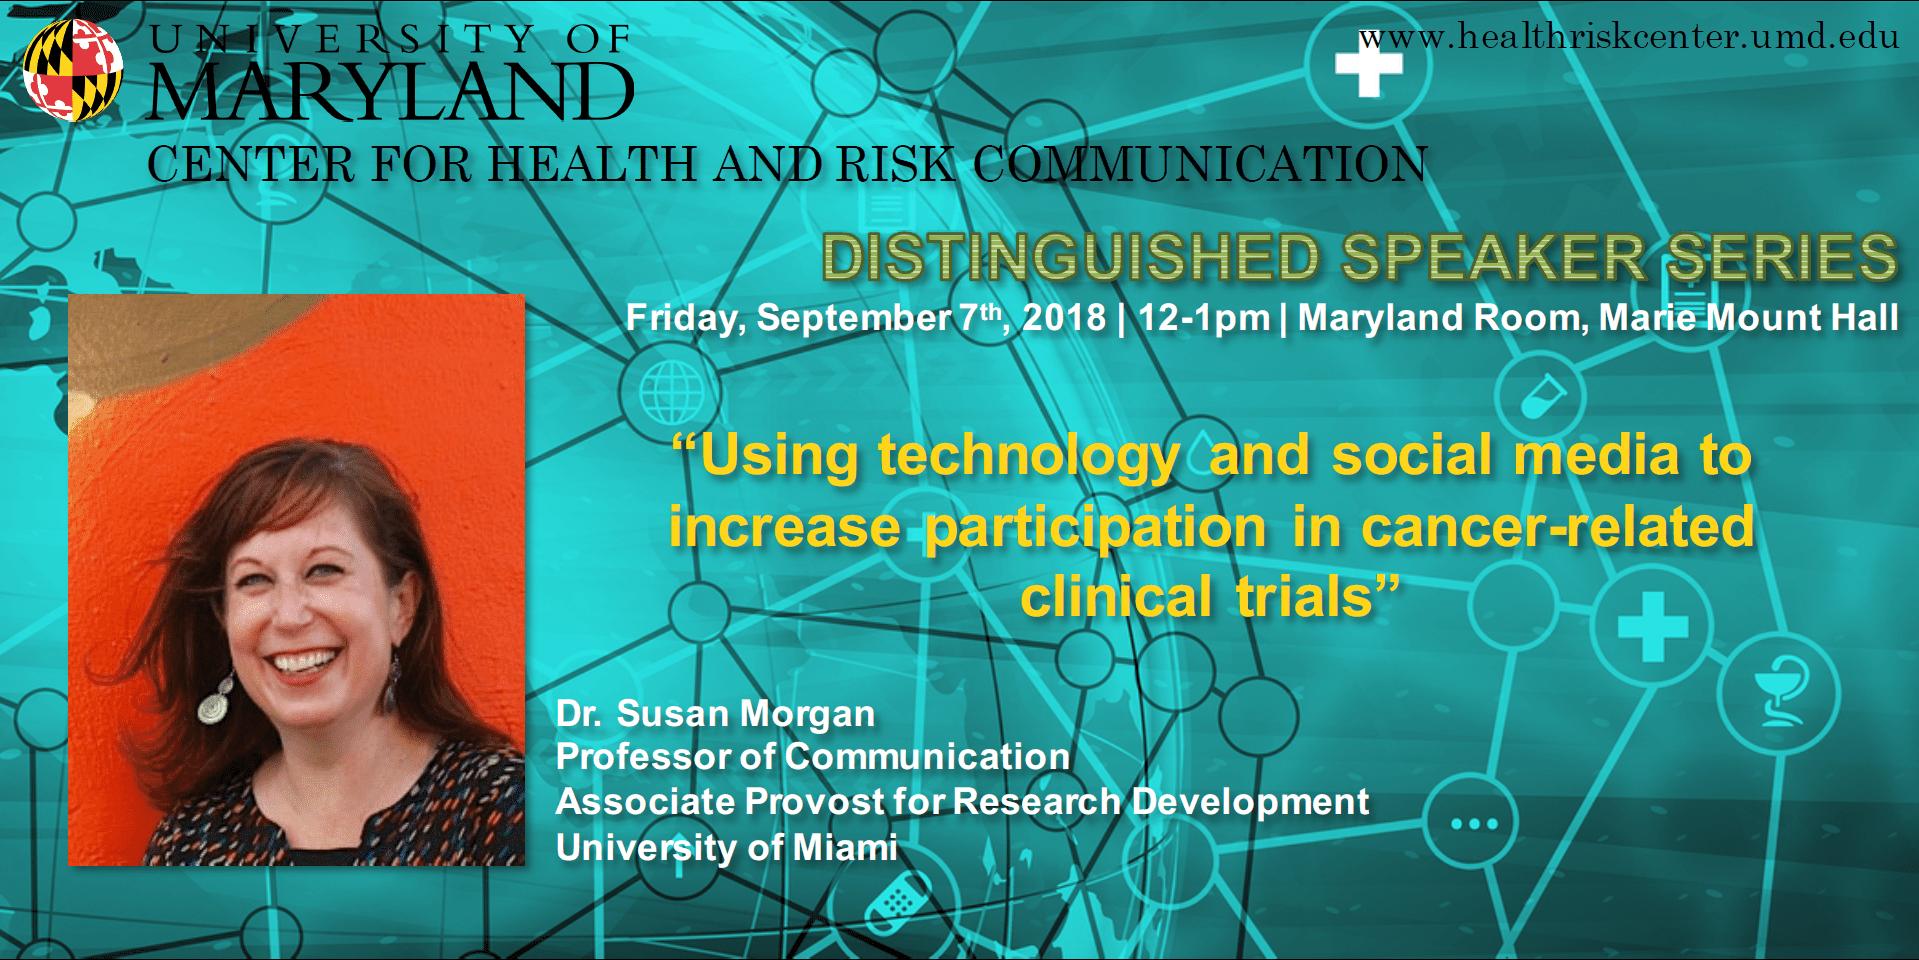 Dr. Susan Morgan speaker